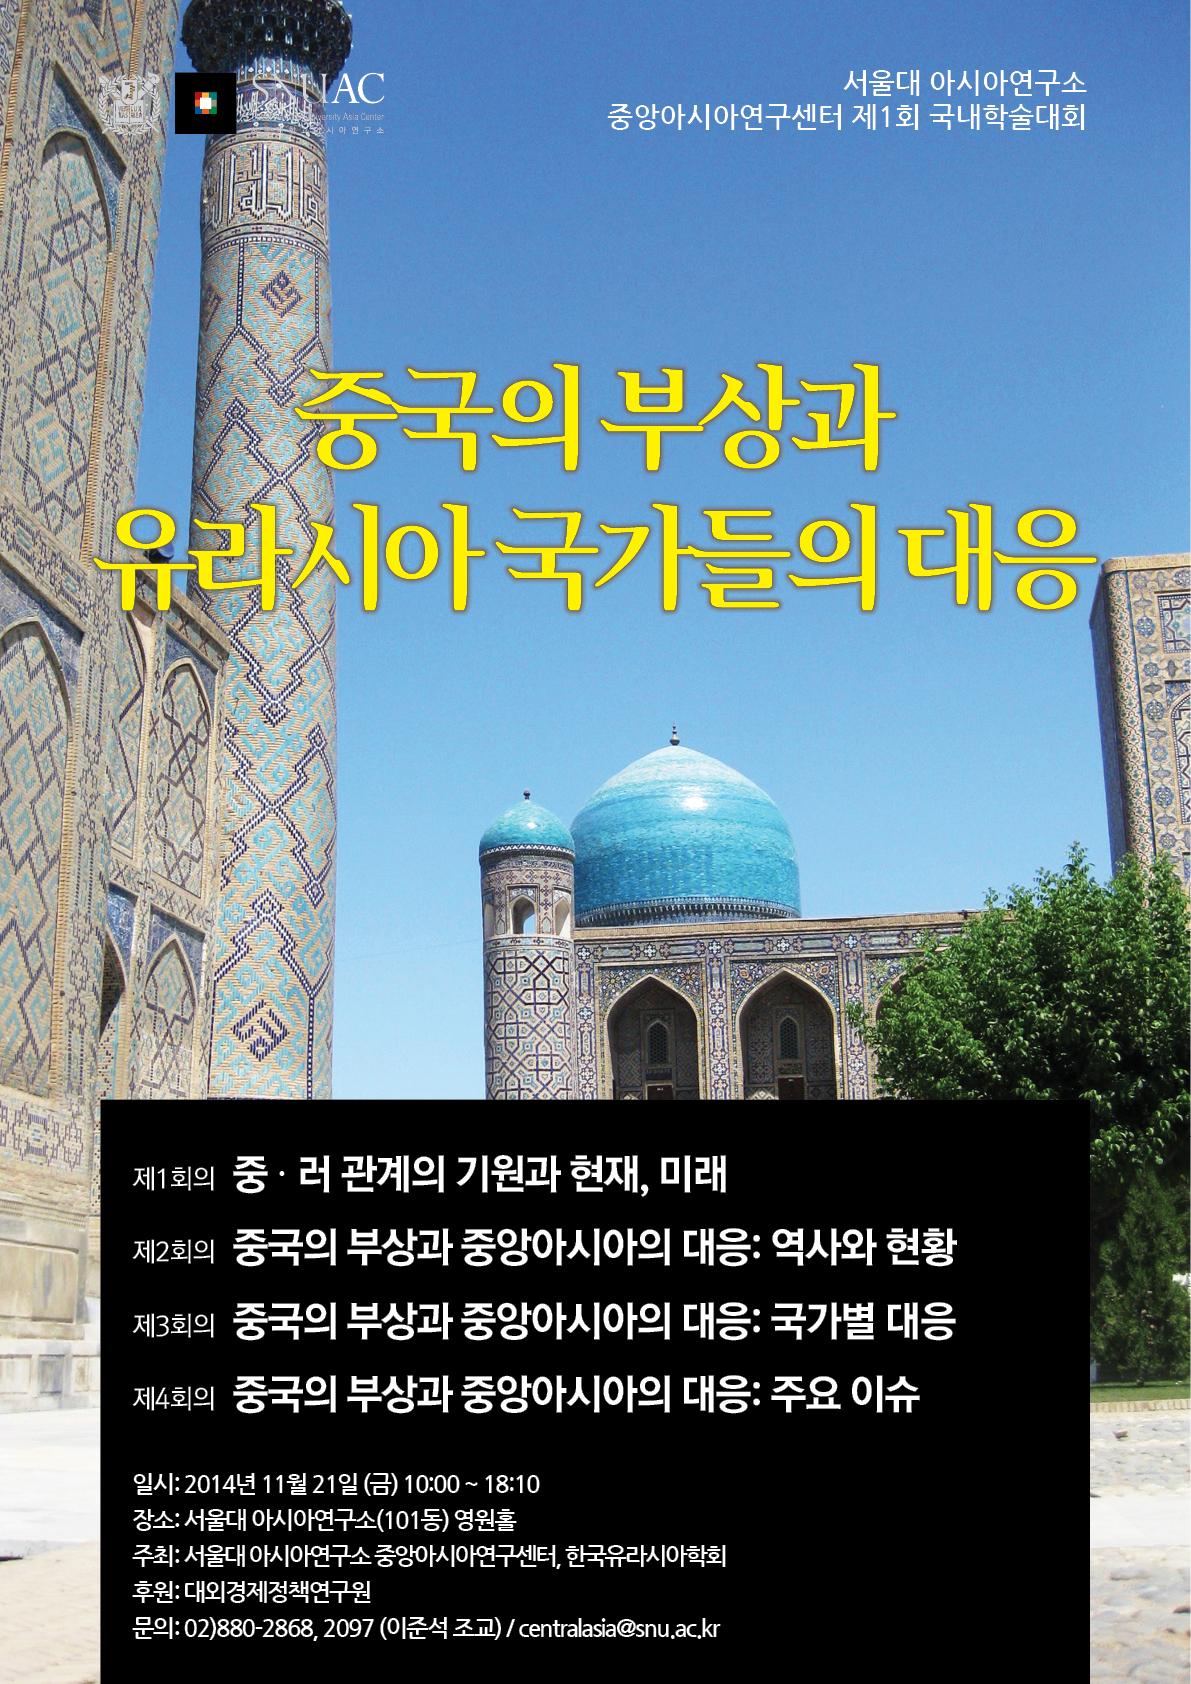 서울대 아시아연구소 중앙아시아연구센터 제1회 국내학술대회